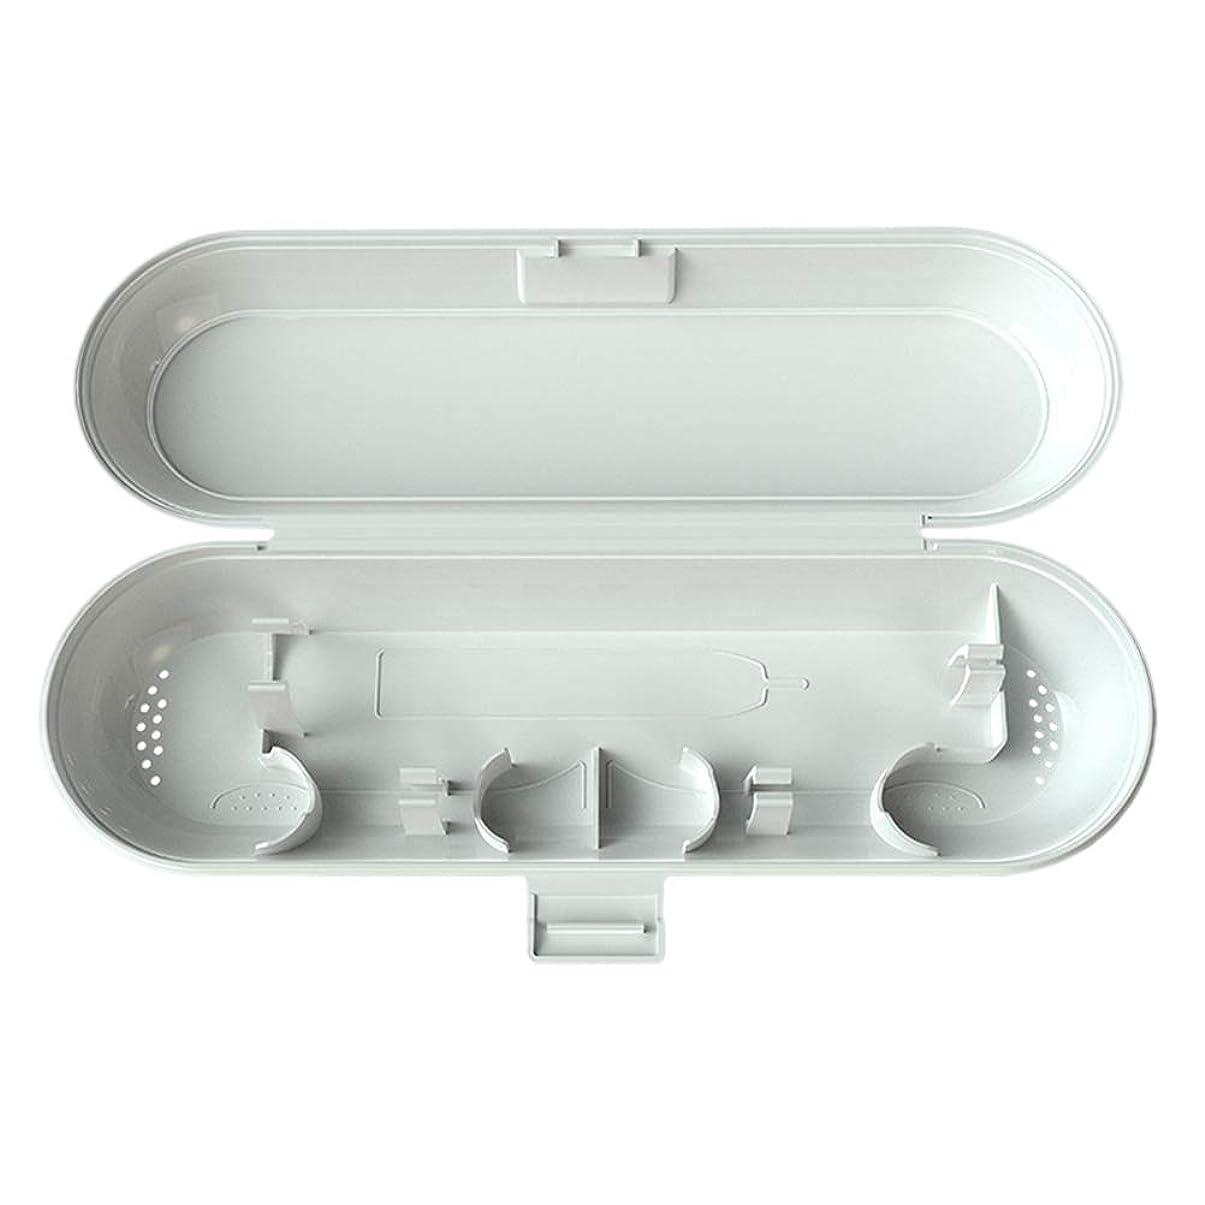 干ばつやけどコモランマTOPBATHYポータブルプラスチック製電動歯ブラシケースキャンプ用トラベルブラシトラベルボックス(ホワイト)